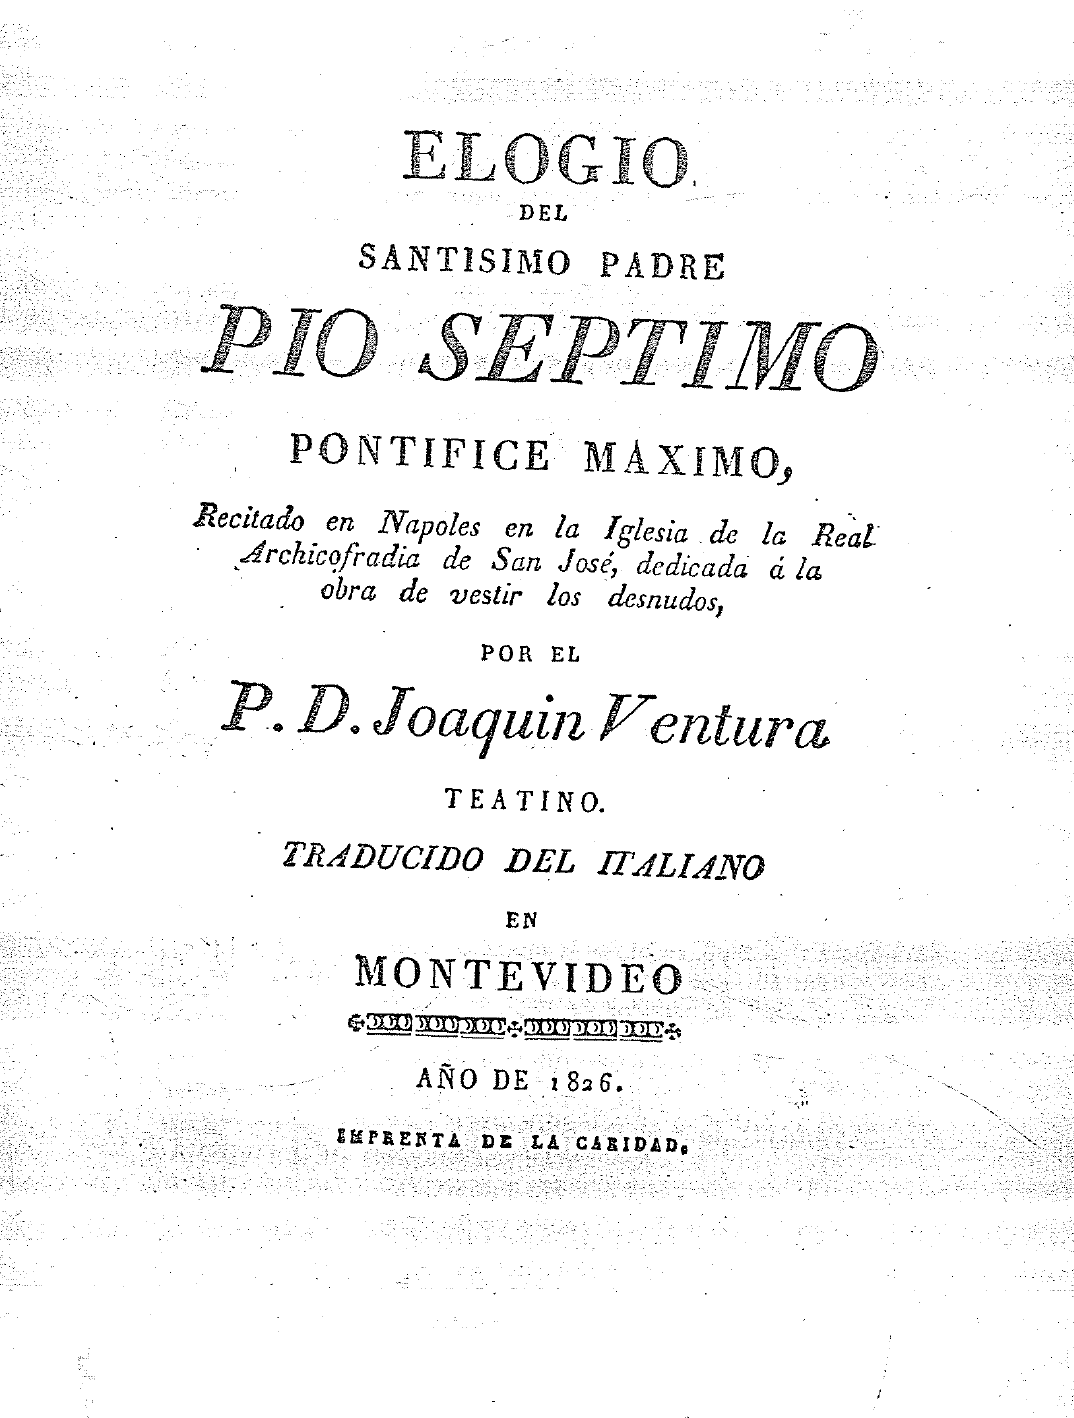 8. Elogio del Santísimo Padre Pio Séptimo Pontífice Máximo (1826).png